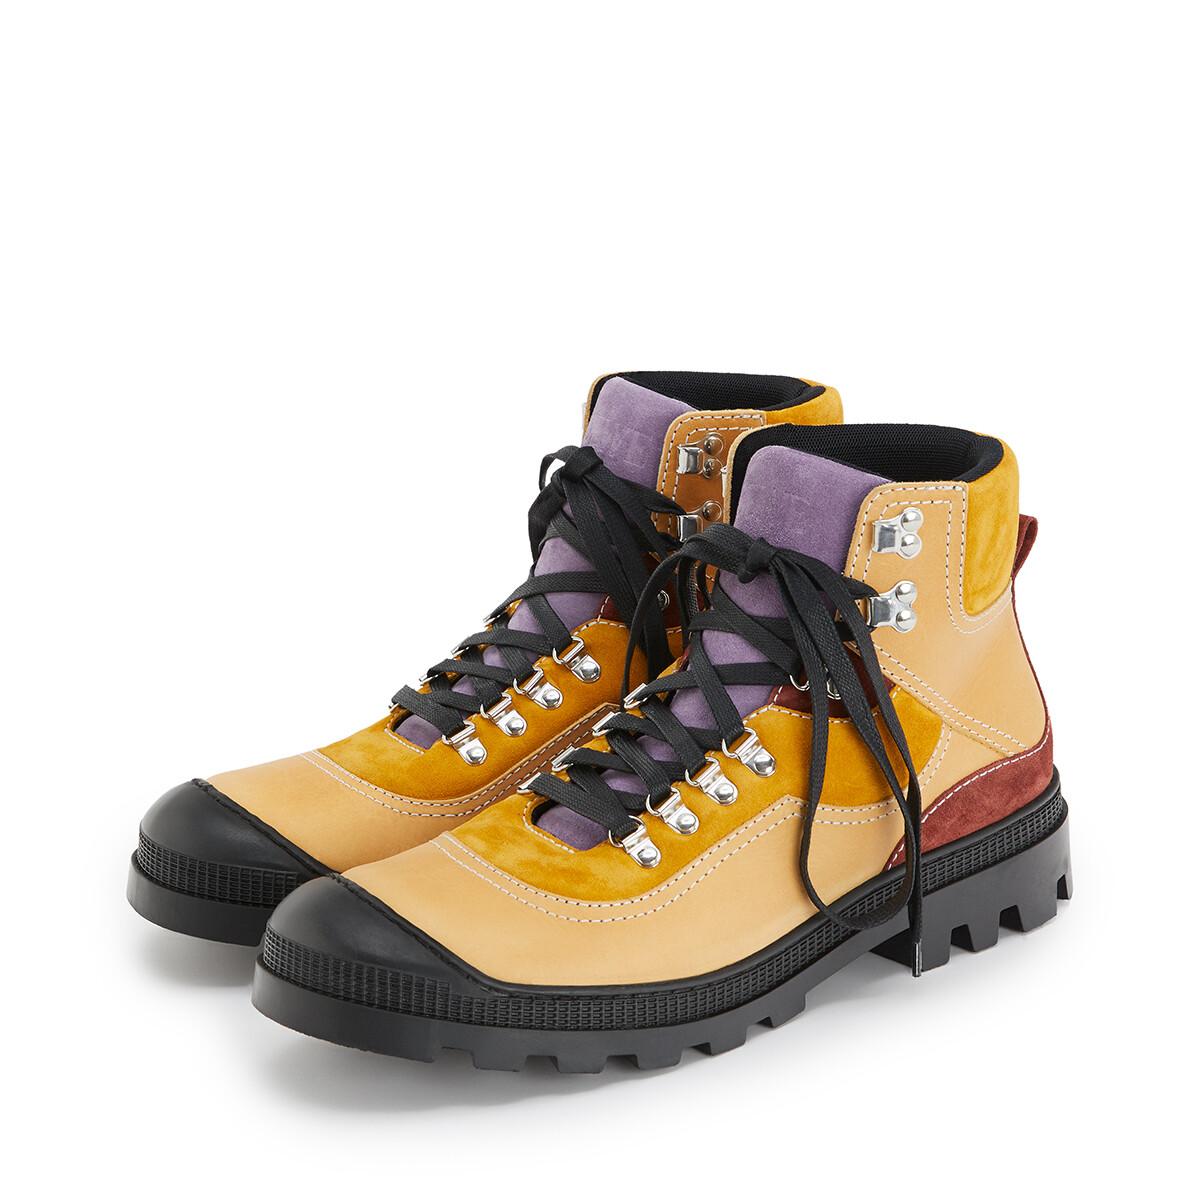 LOEWE Hiking Boot Mustard/Lavender front